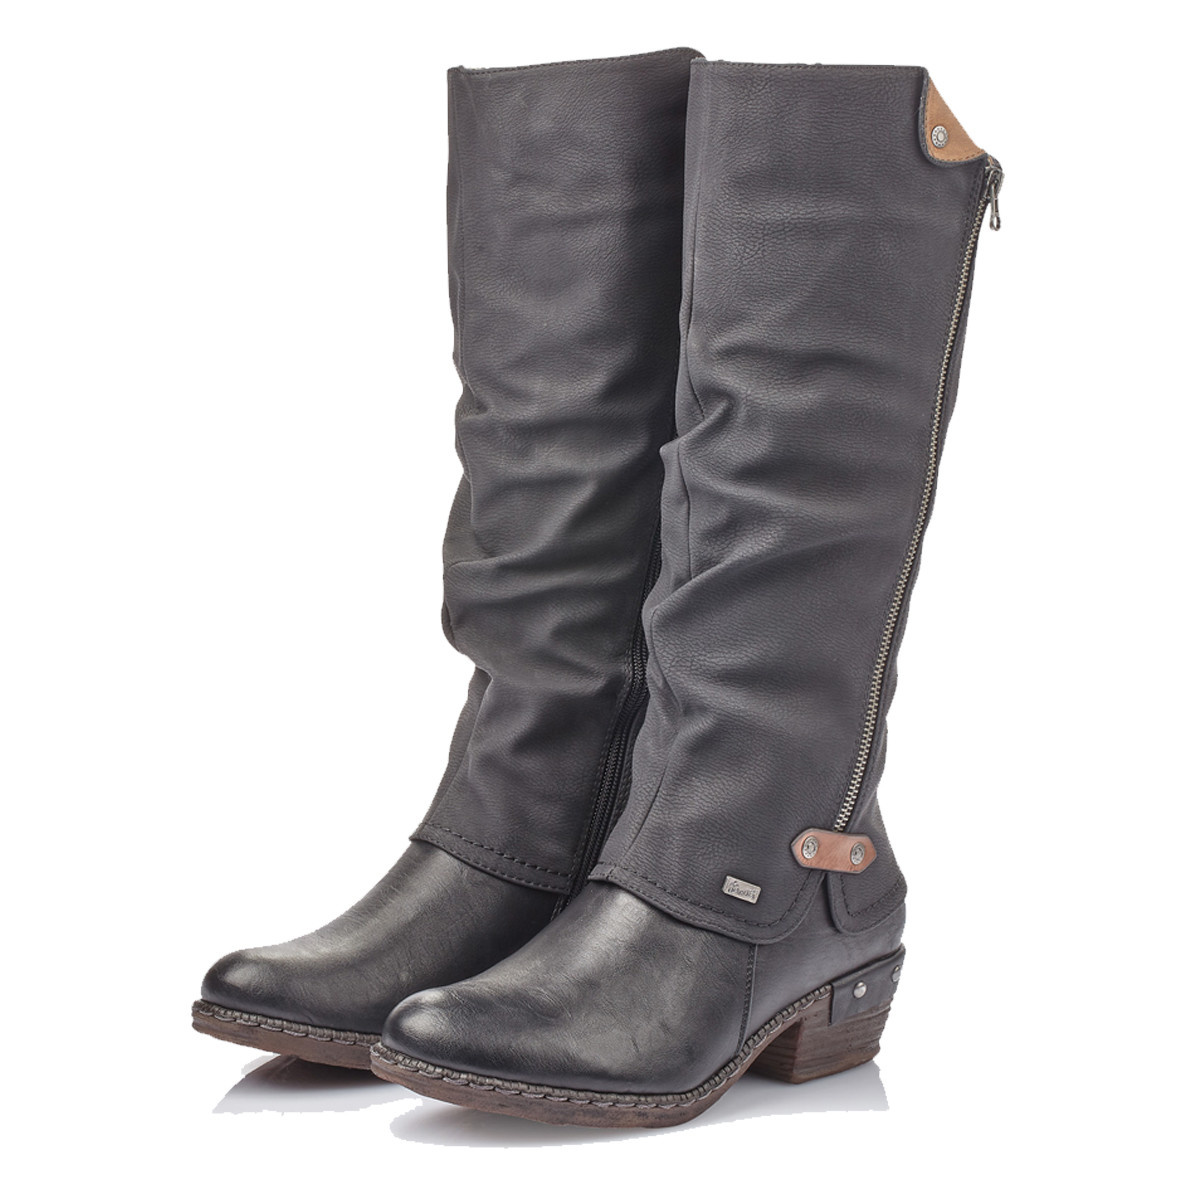 Rieker Rieker Women's 93655-00 Tall Boot Black